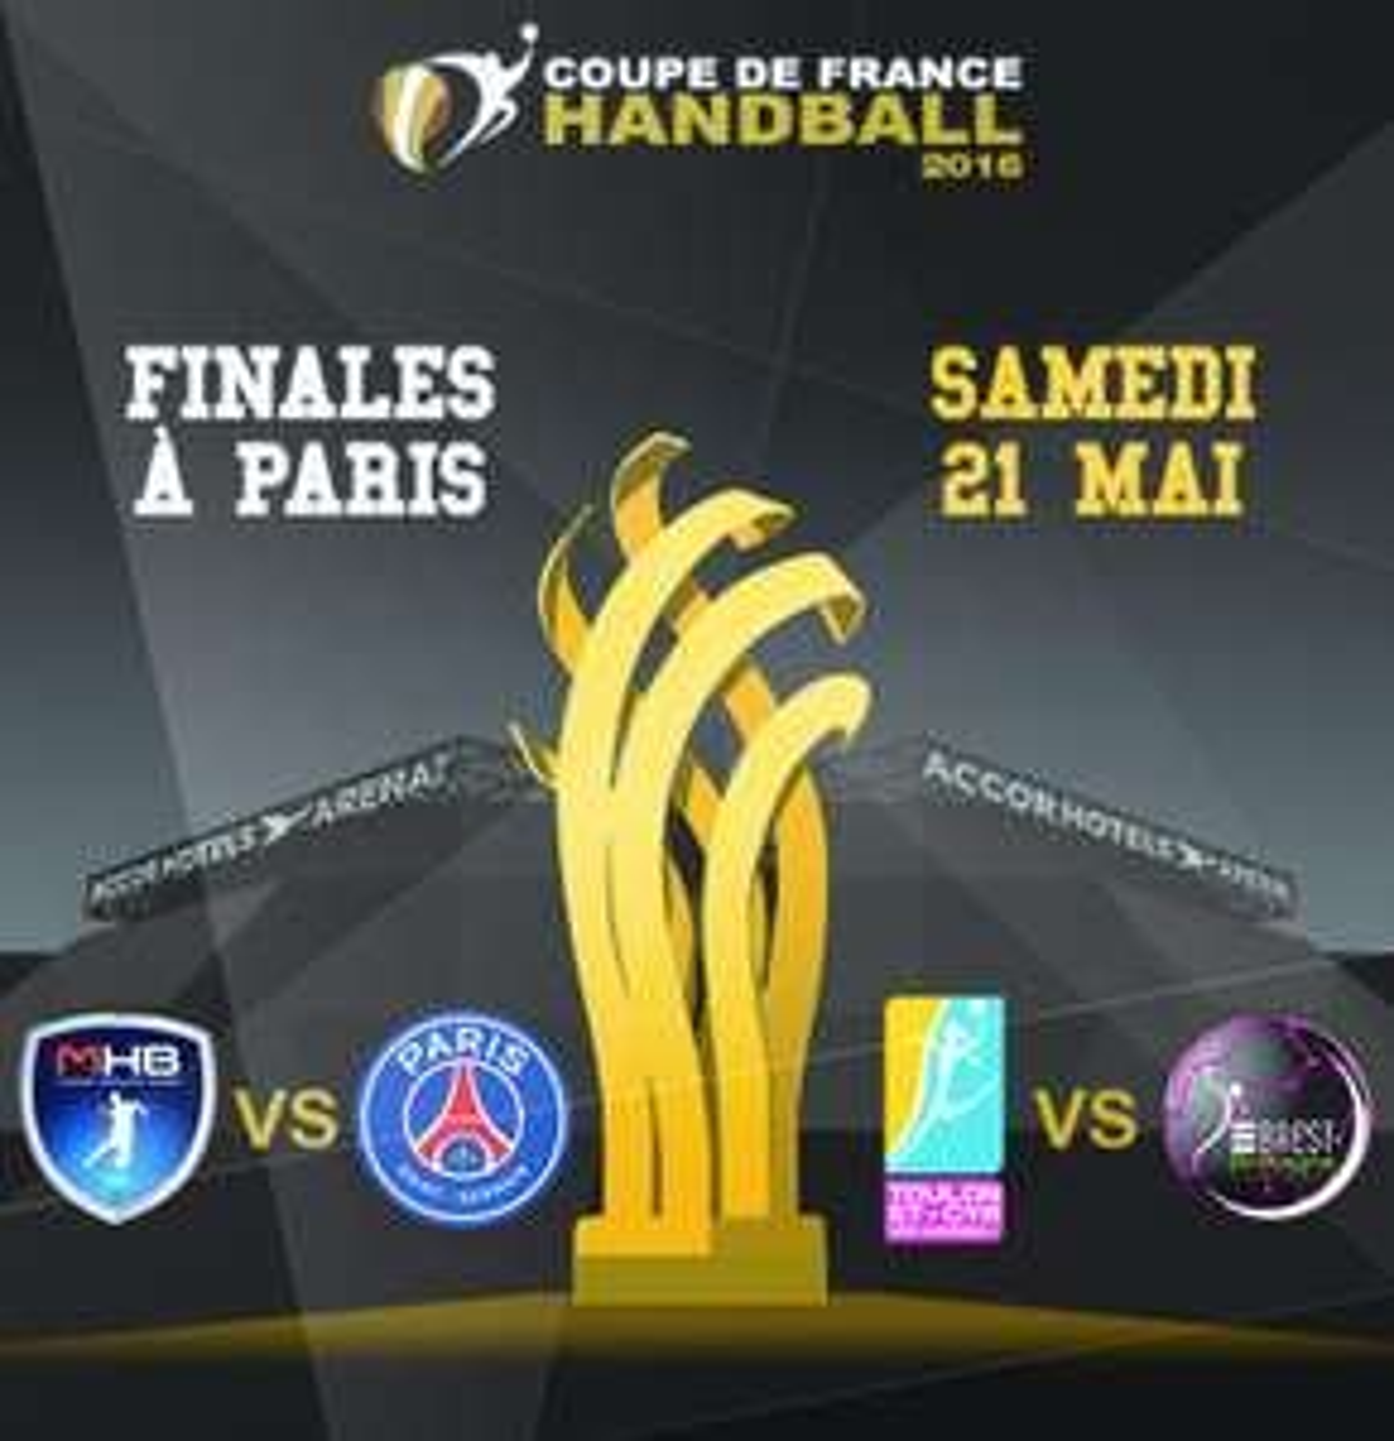 Places pour les finales de la Coupe de France de Handball (Samedi 21 mai - Paris) en promotion - Ex : Place en catégorie 4